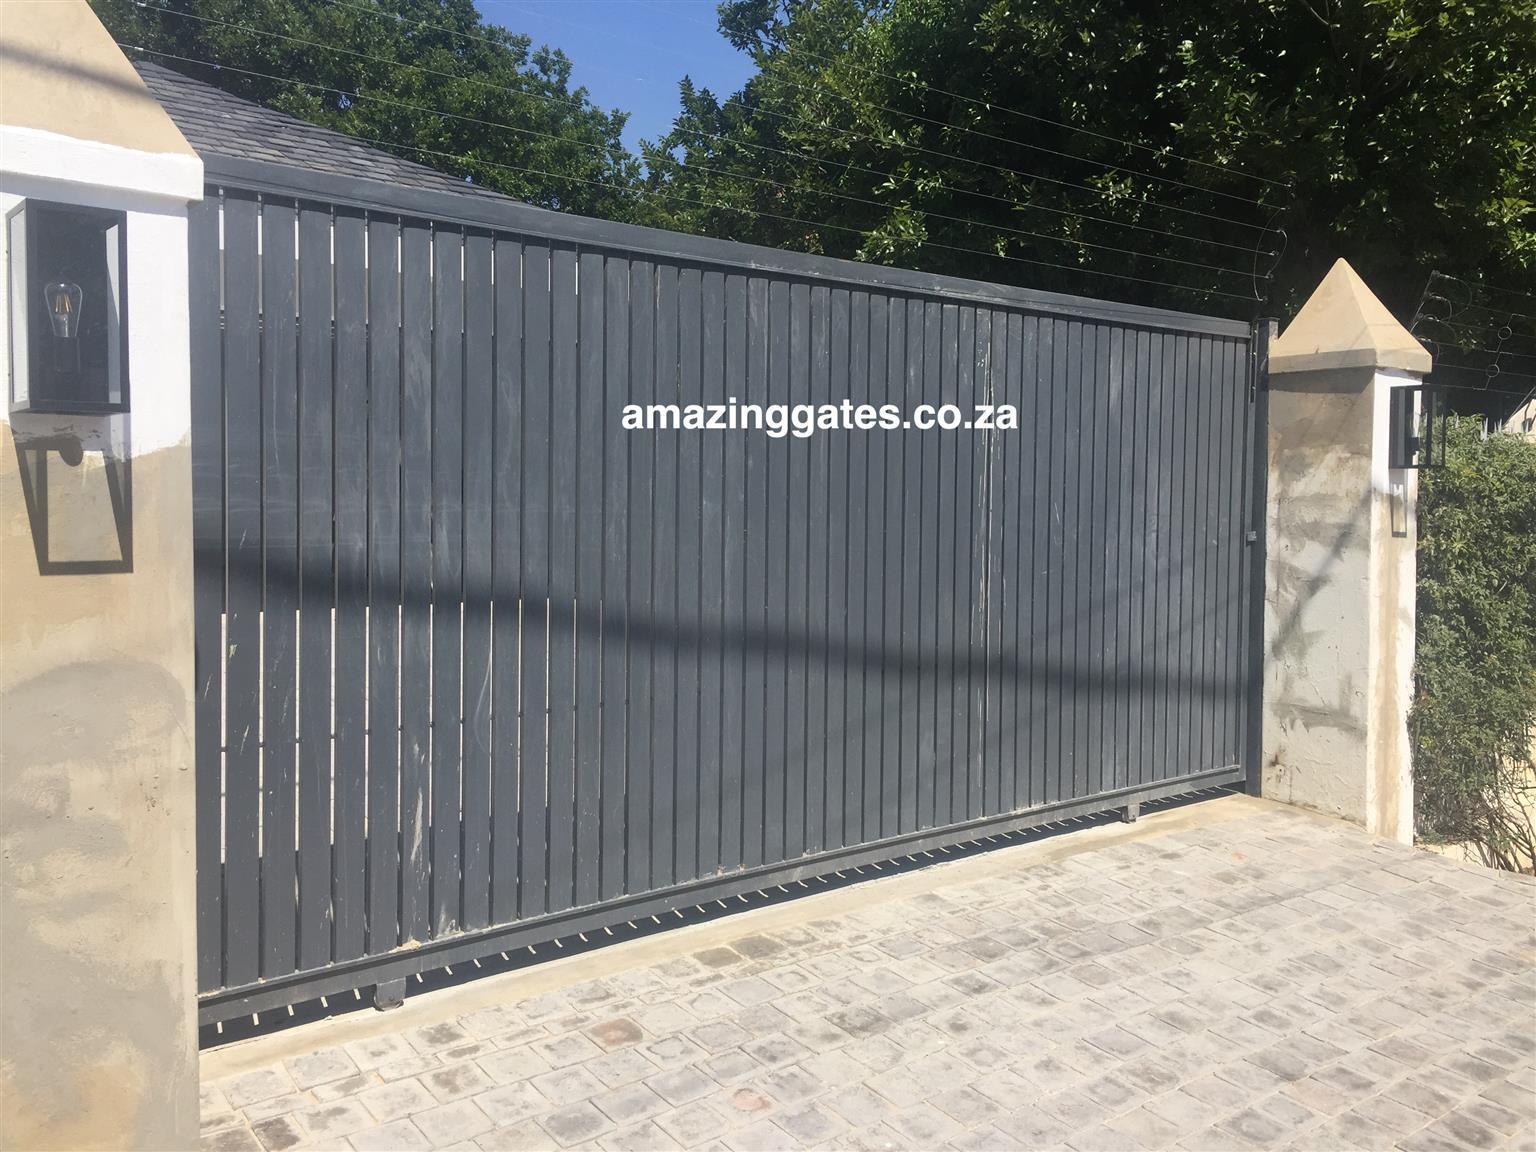 Second hand gates gauteng